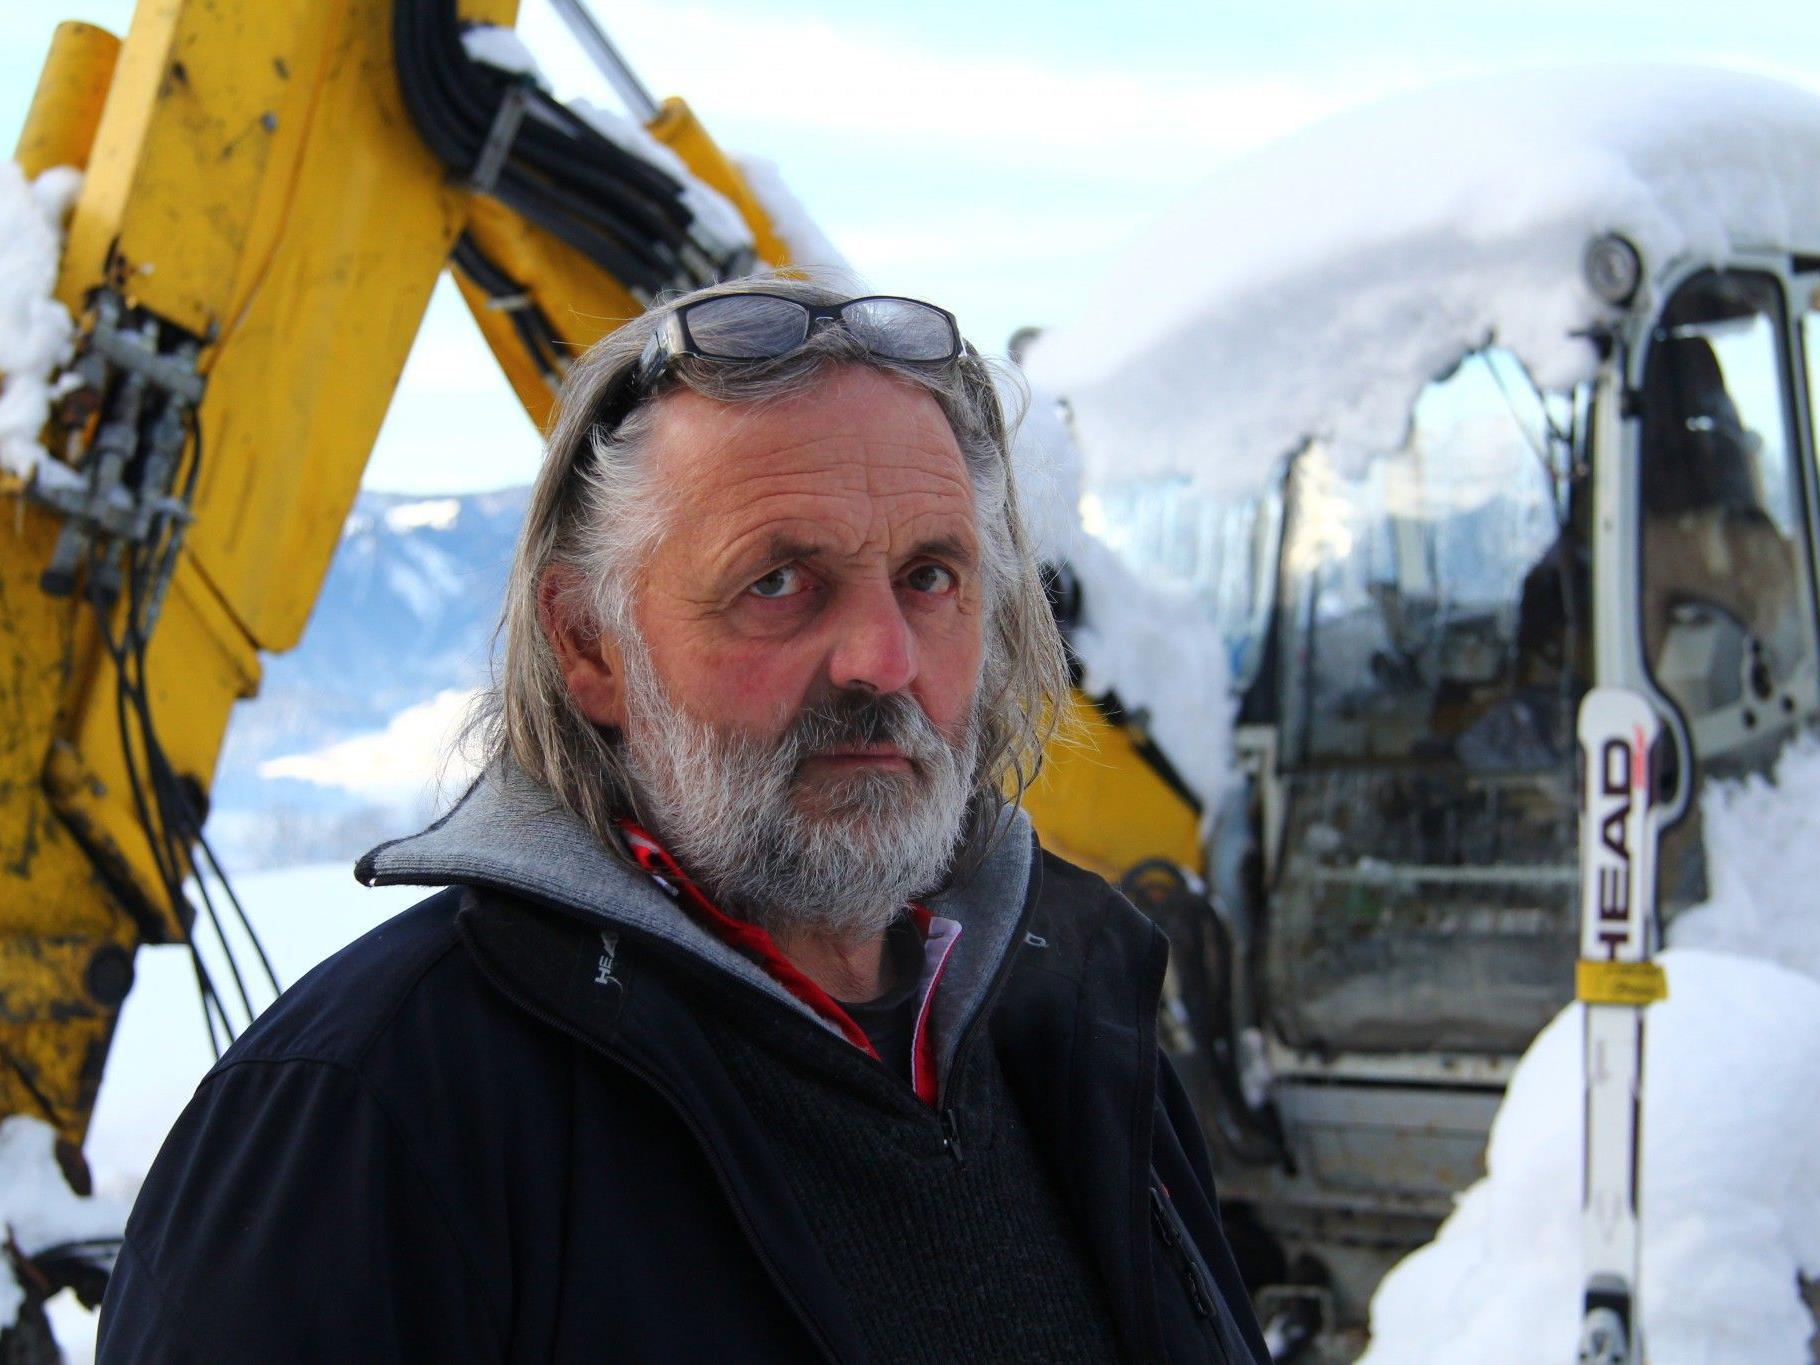 Leo Ratz (58) wurde mittlerweile aus dem Spital entlassen.